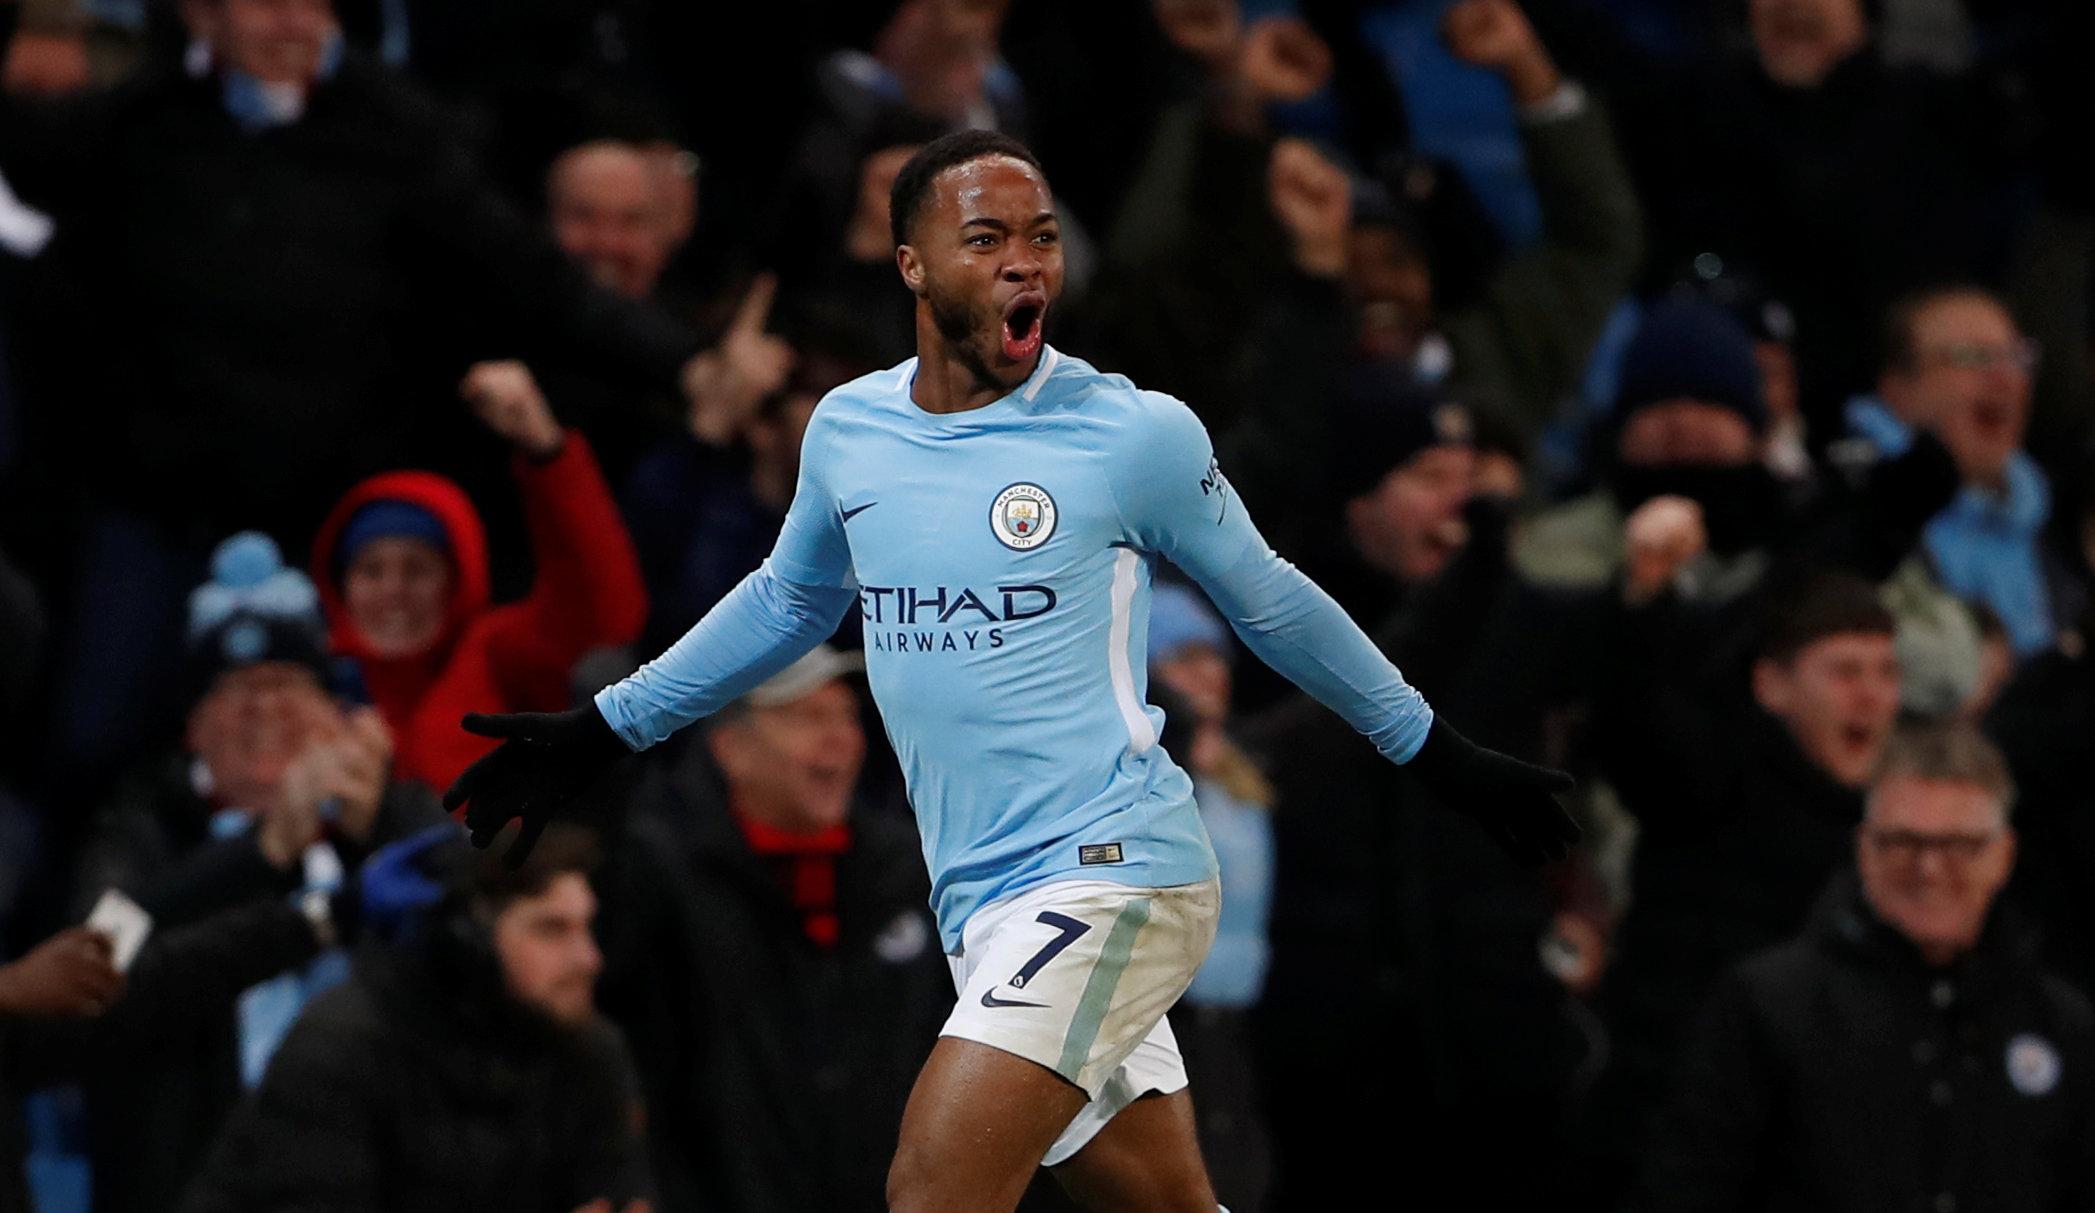 Sterling ăn mừng bàn thắng trong màu áo Man City. Ảnh: REUTERS